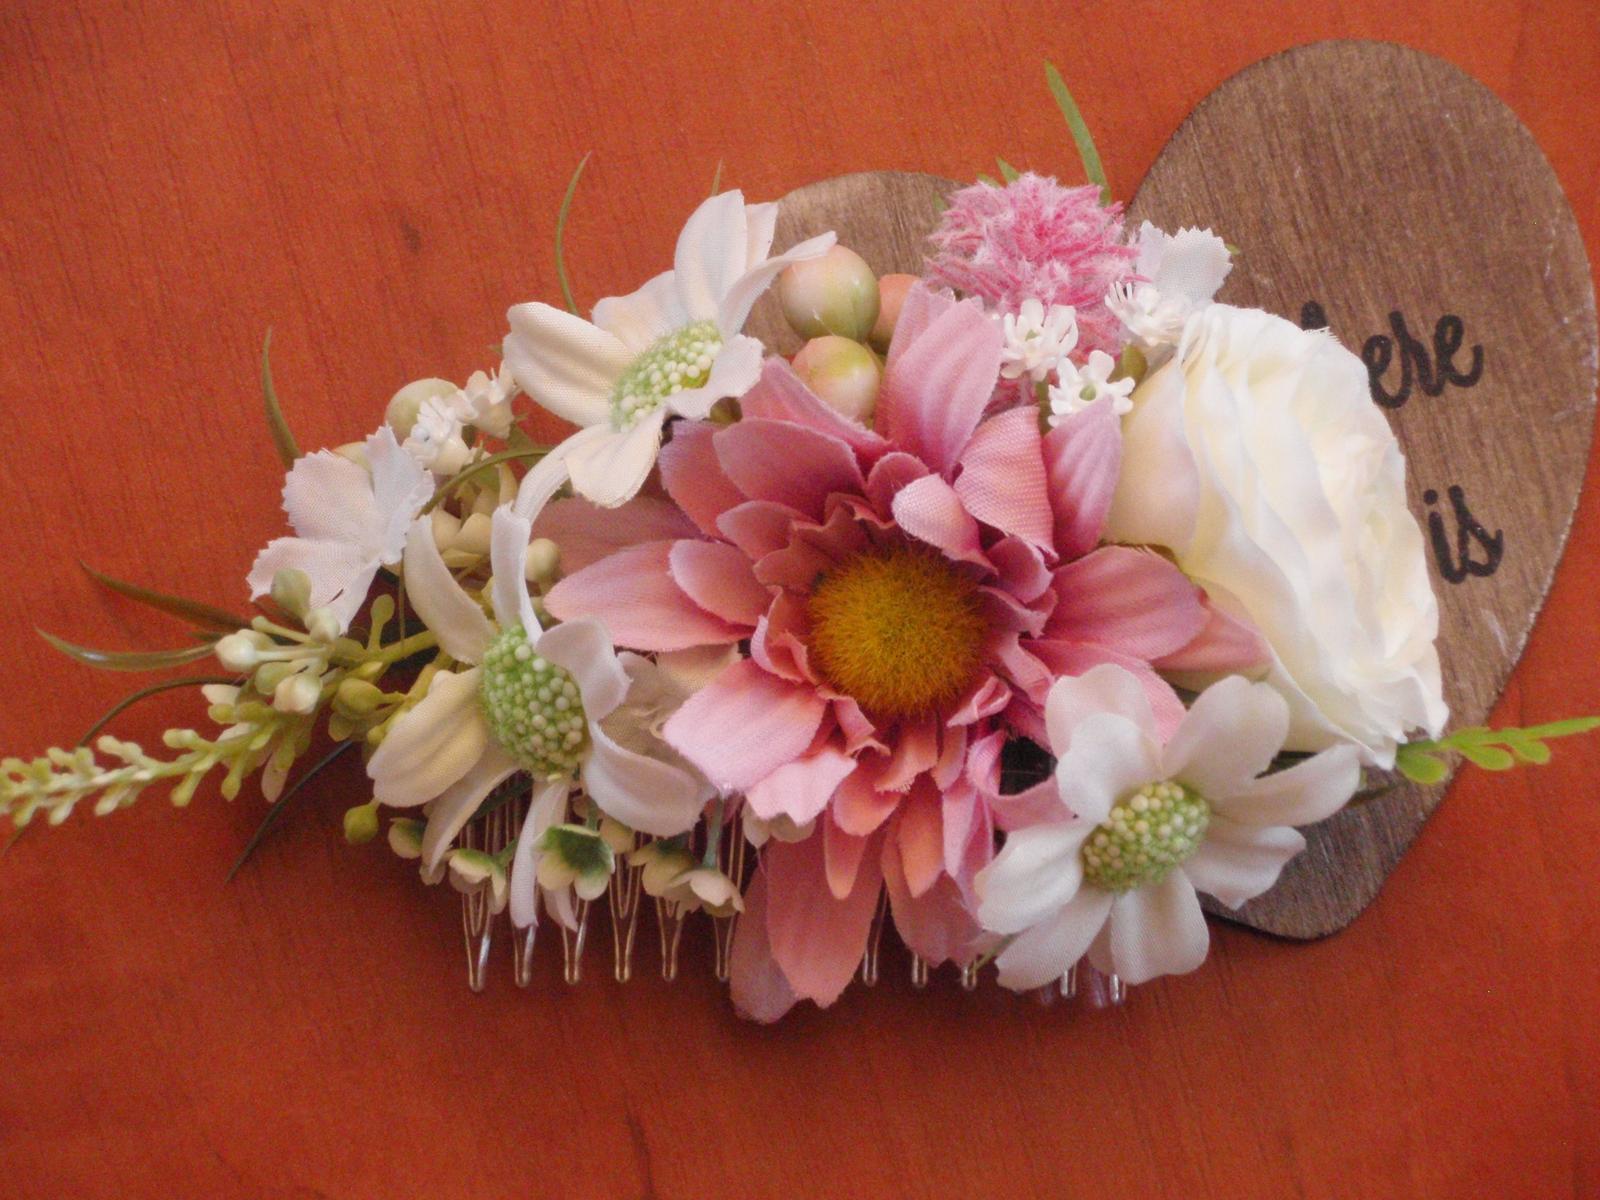 Kvetinový hrebienok - staroružová, ivory a biela - Obrázok č. 1